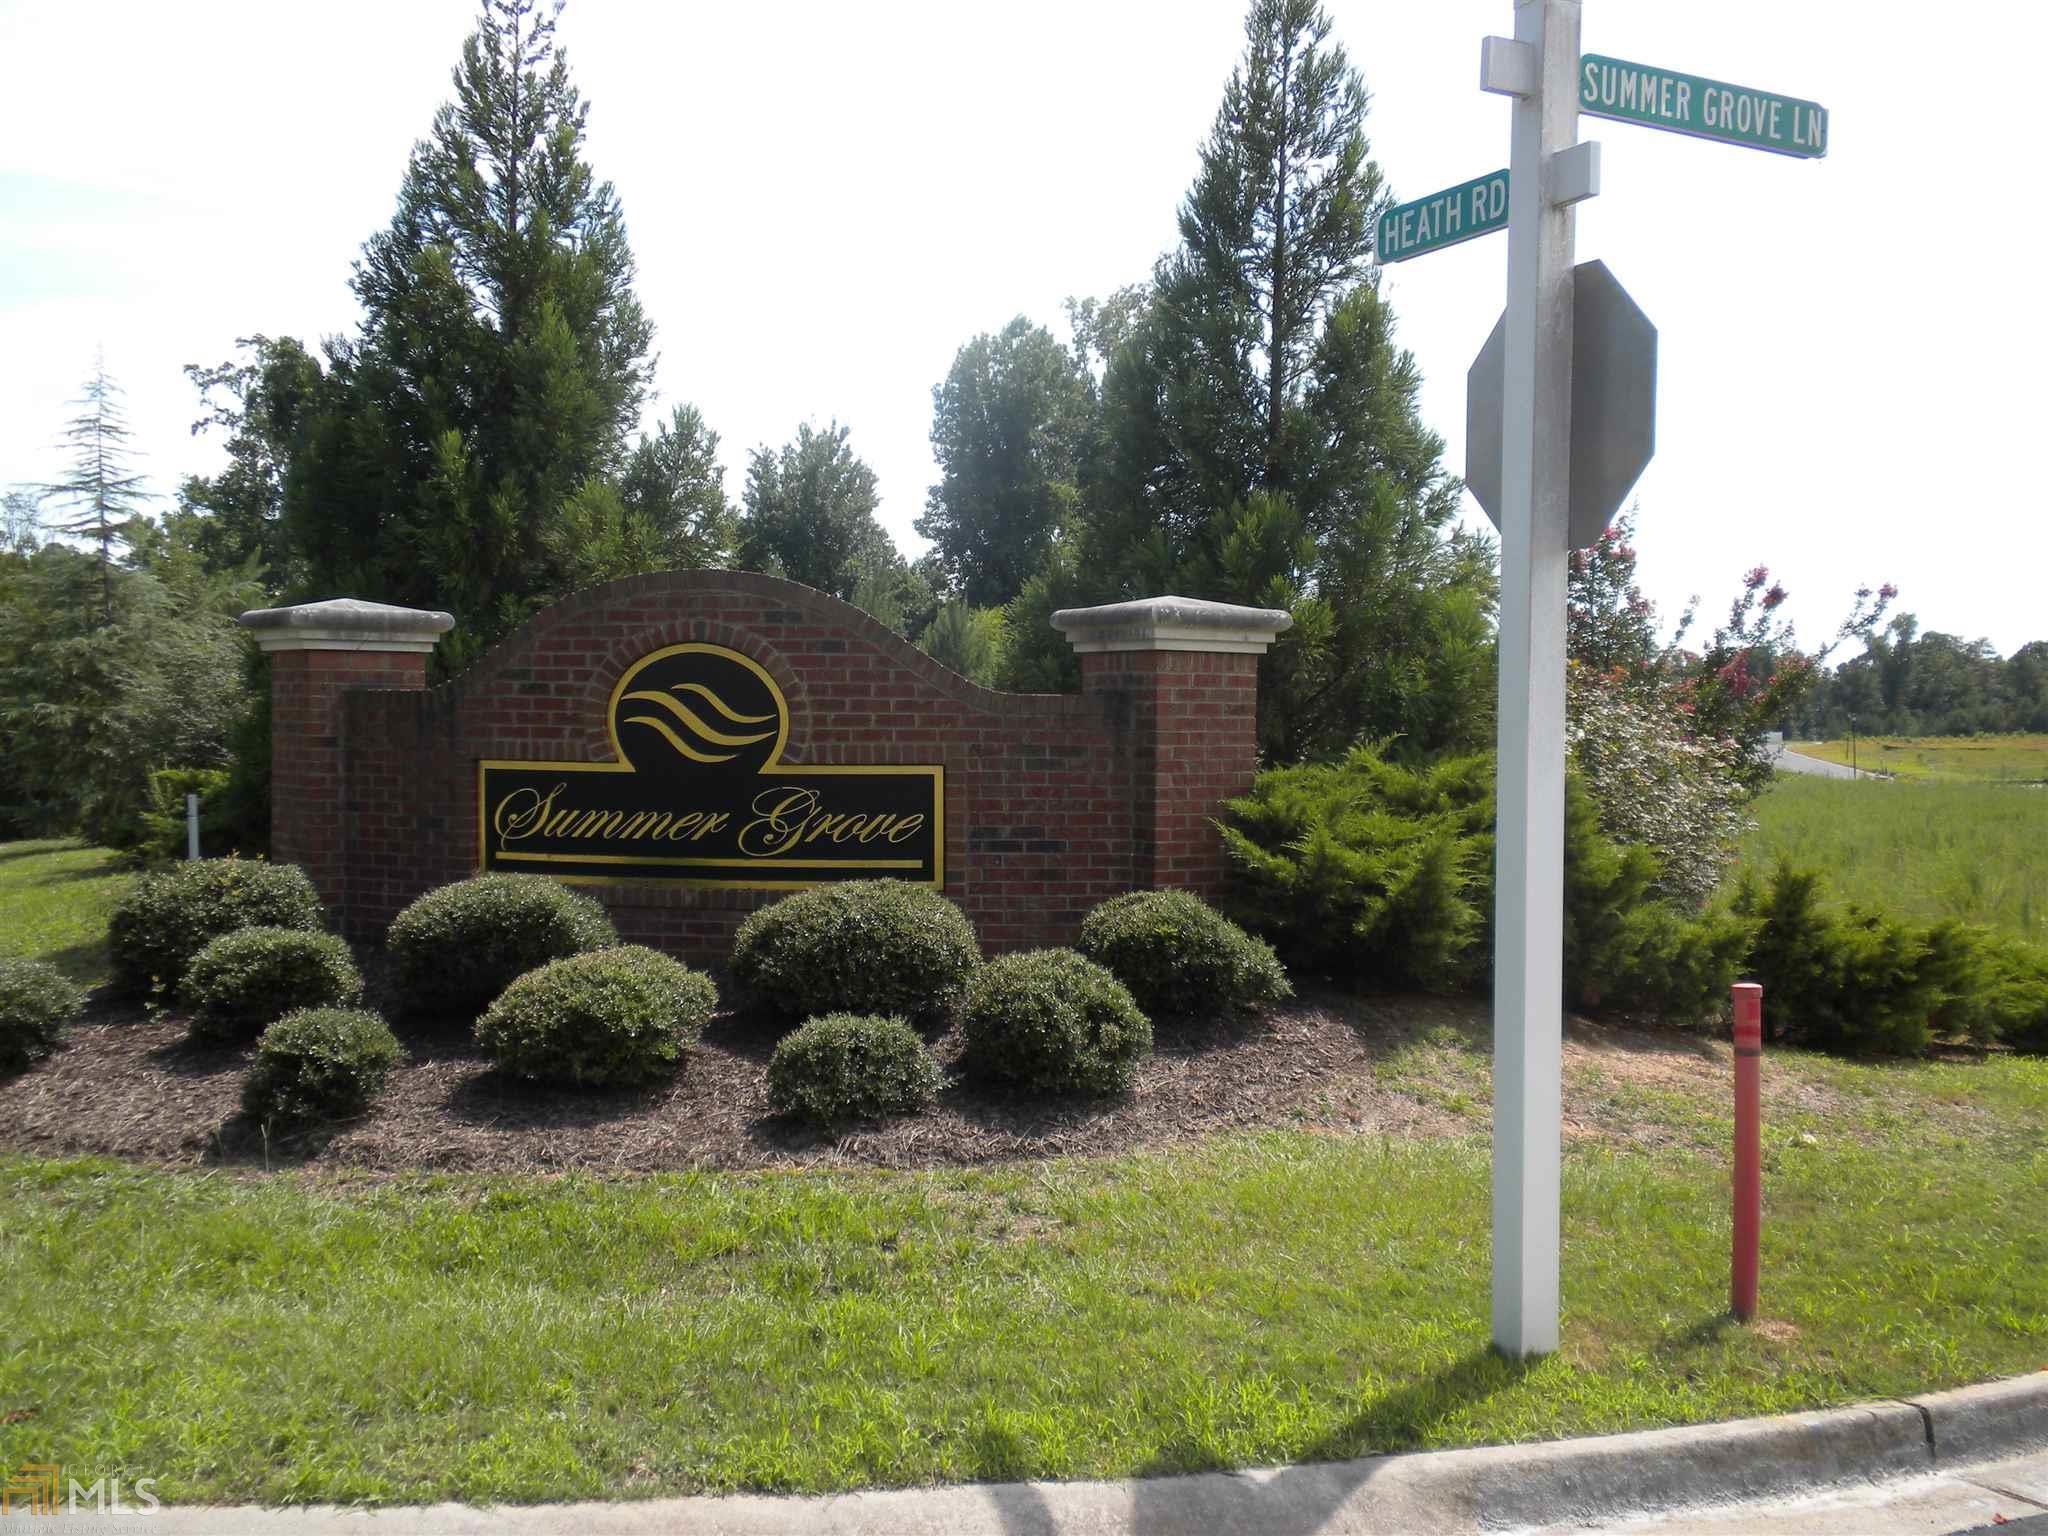 123 Summer Grove, Macon, GA 31206